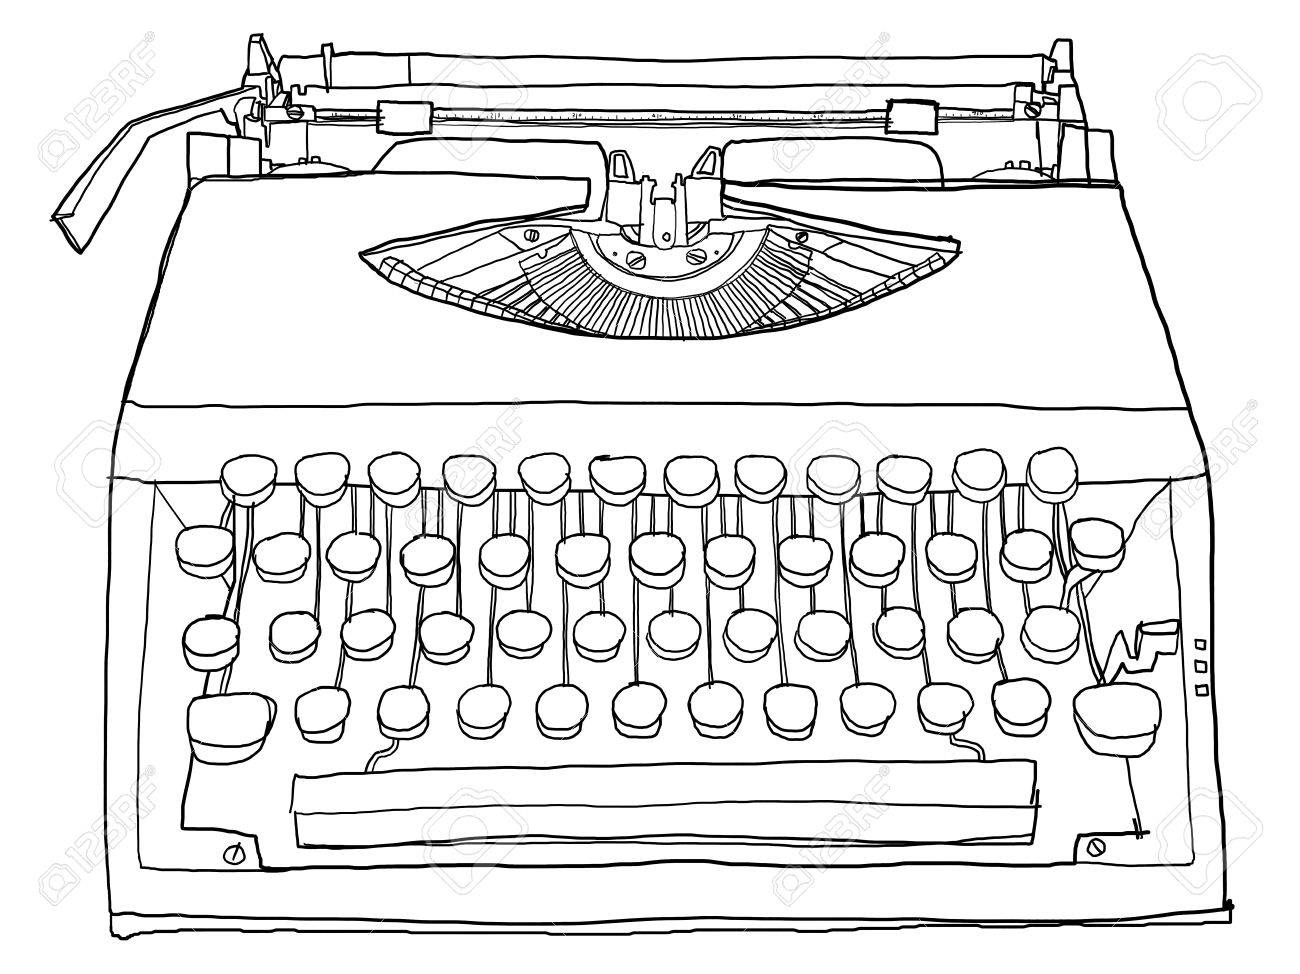 Typewriter old b w - 14981459